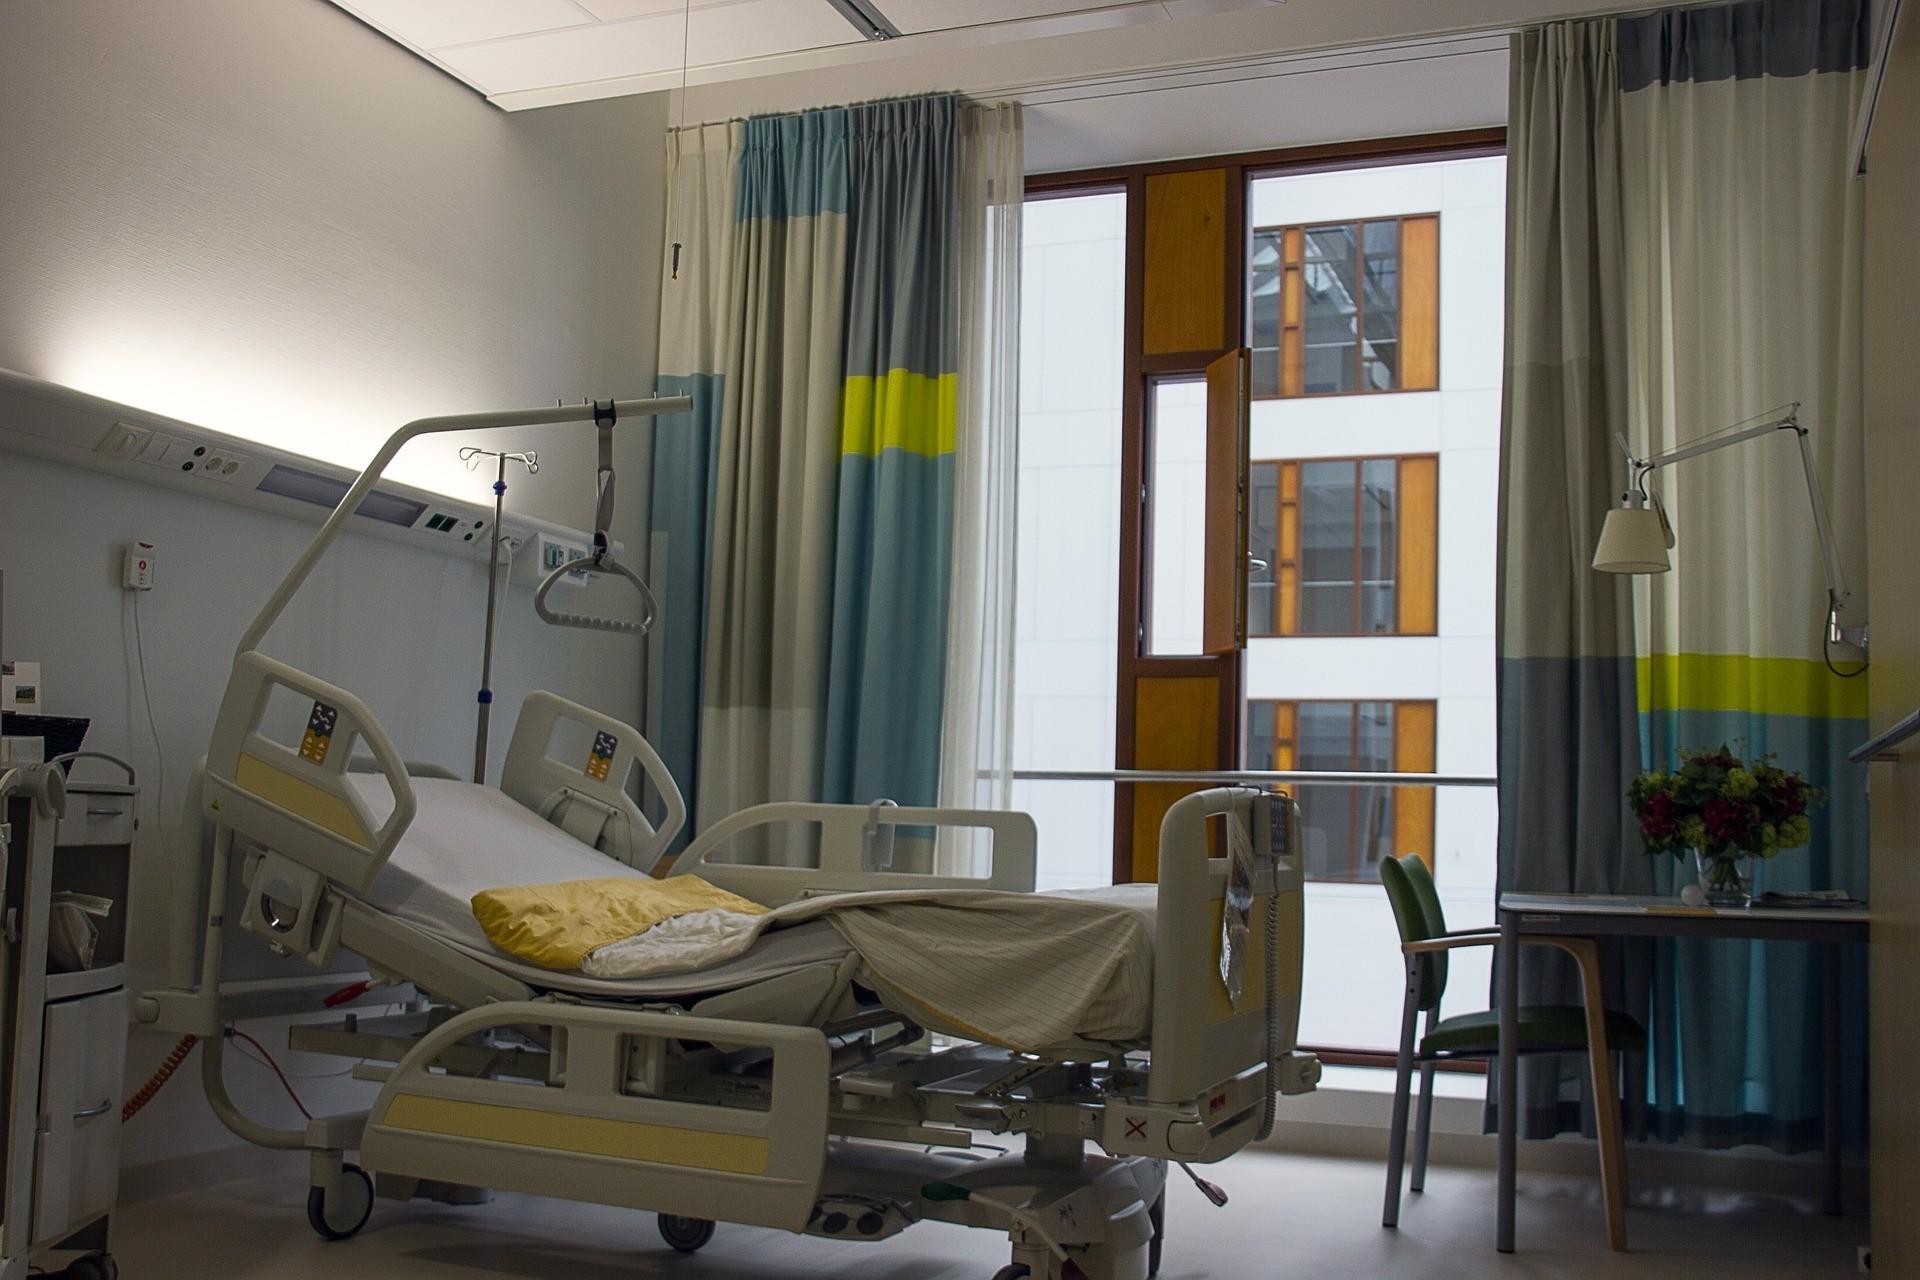 ▲醫院 。(圖/取自免費圖庫pixabay)